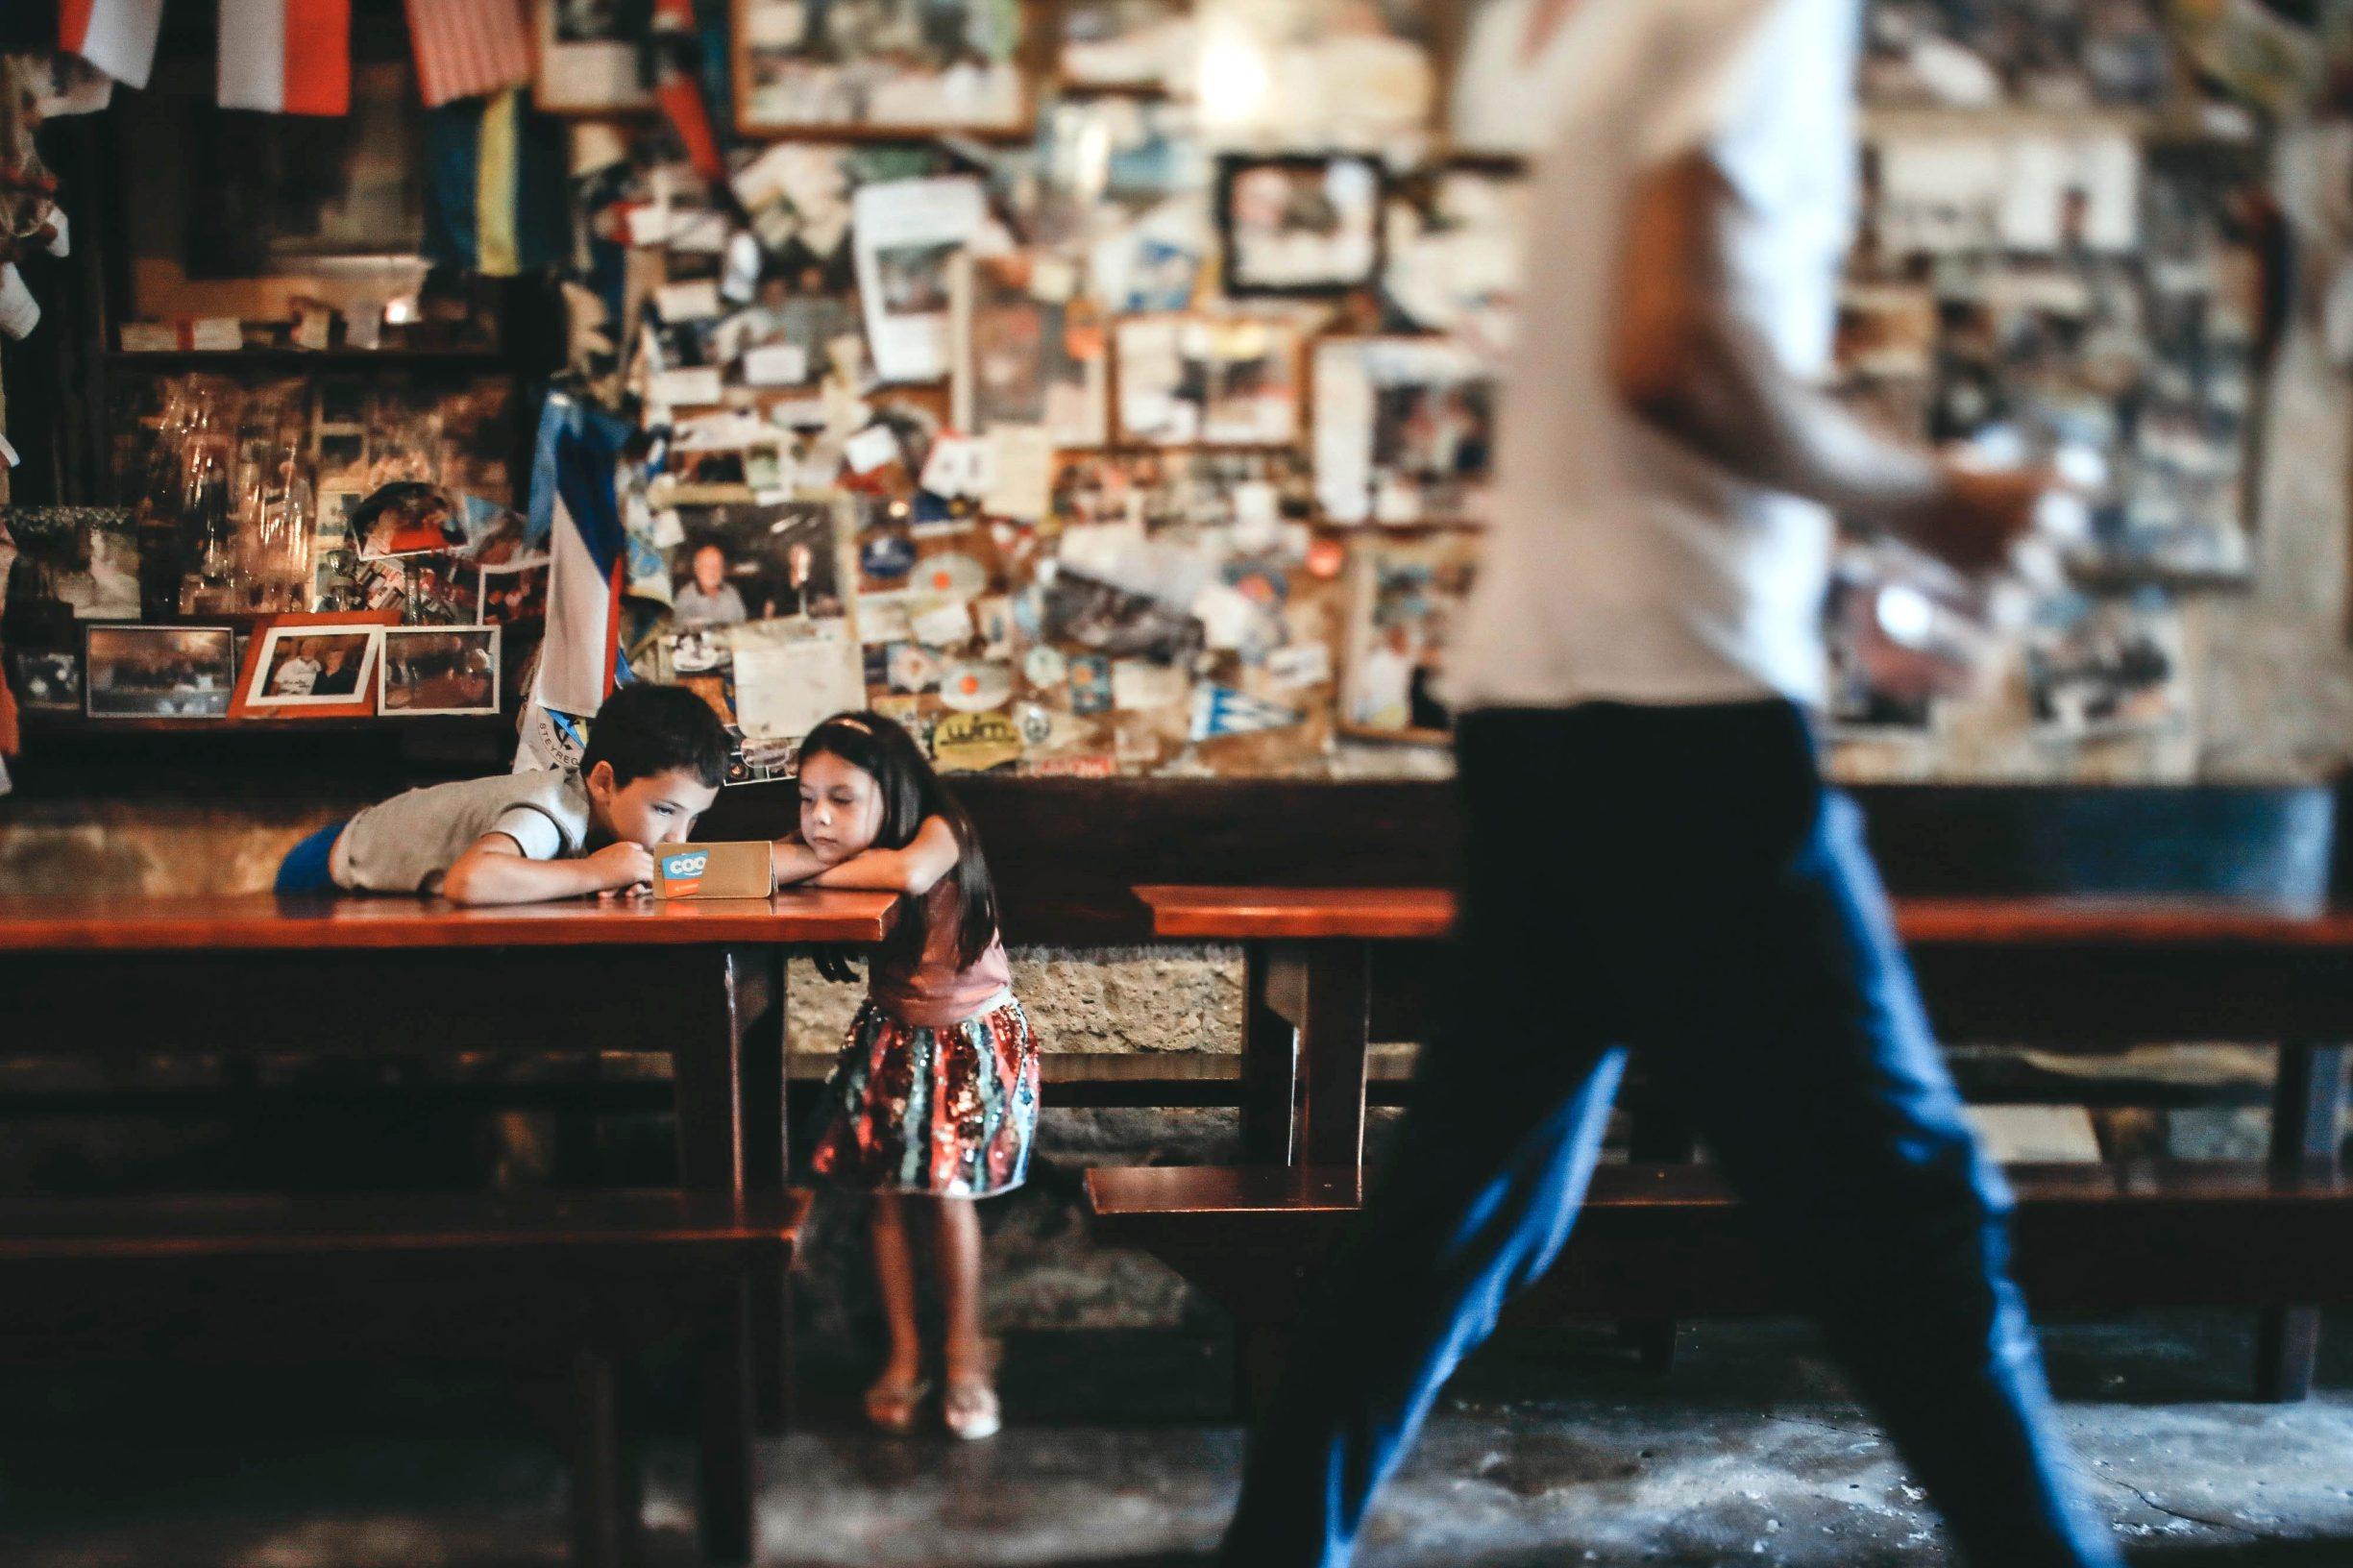 Skradin, 300719. Konoba Mate najstarija konoba u Hrvatskoj koja nije mijenjala svoj izgled od 1958 godine u kojoj se proizvodi i posluzuje samo rakija,vino,prsut,sir i masline. Na fotografiji Zvone i Ema u konobi Mate. Foto: Danijel Soldo / CROPIX